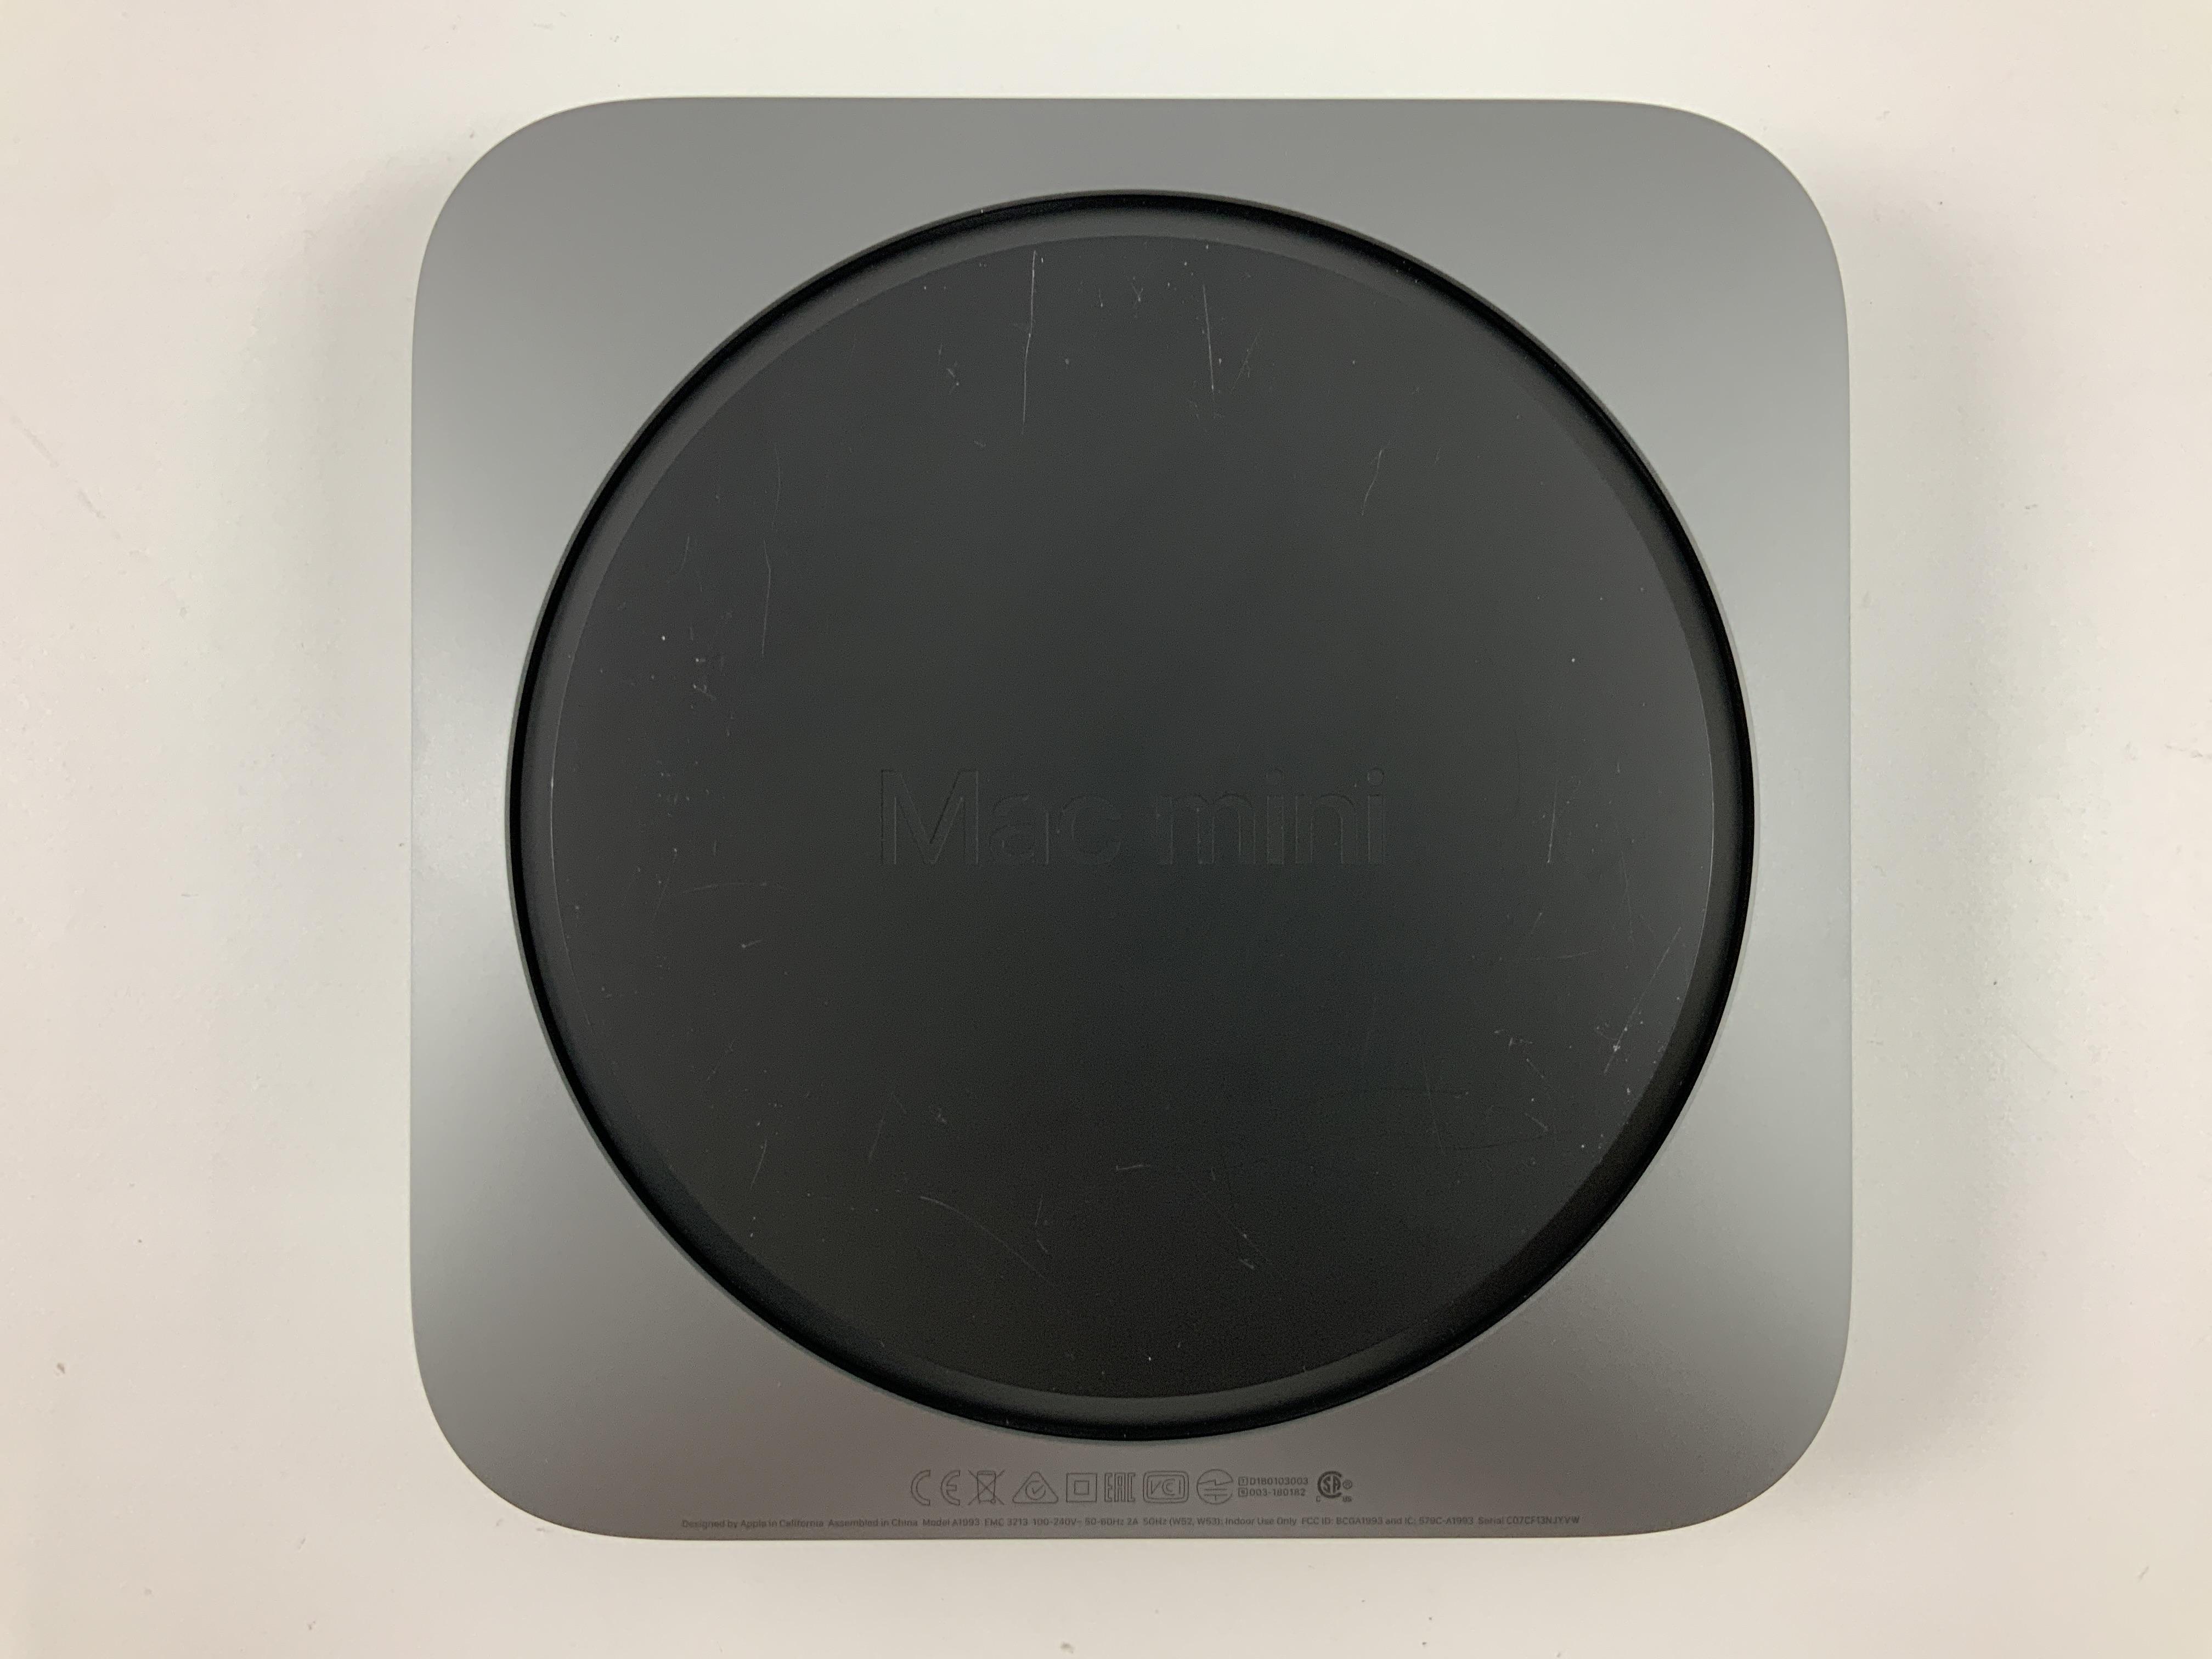 Mac Mini Late 2018 (Intel Quad-Core i3 3.6 GHz 8 GB RAM 128 GB SSD), Intel Quad-Core i3 3.6 GHz, 8 GB RAM, 128 GB SSD, imagen 2